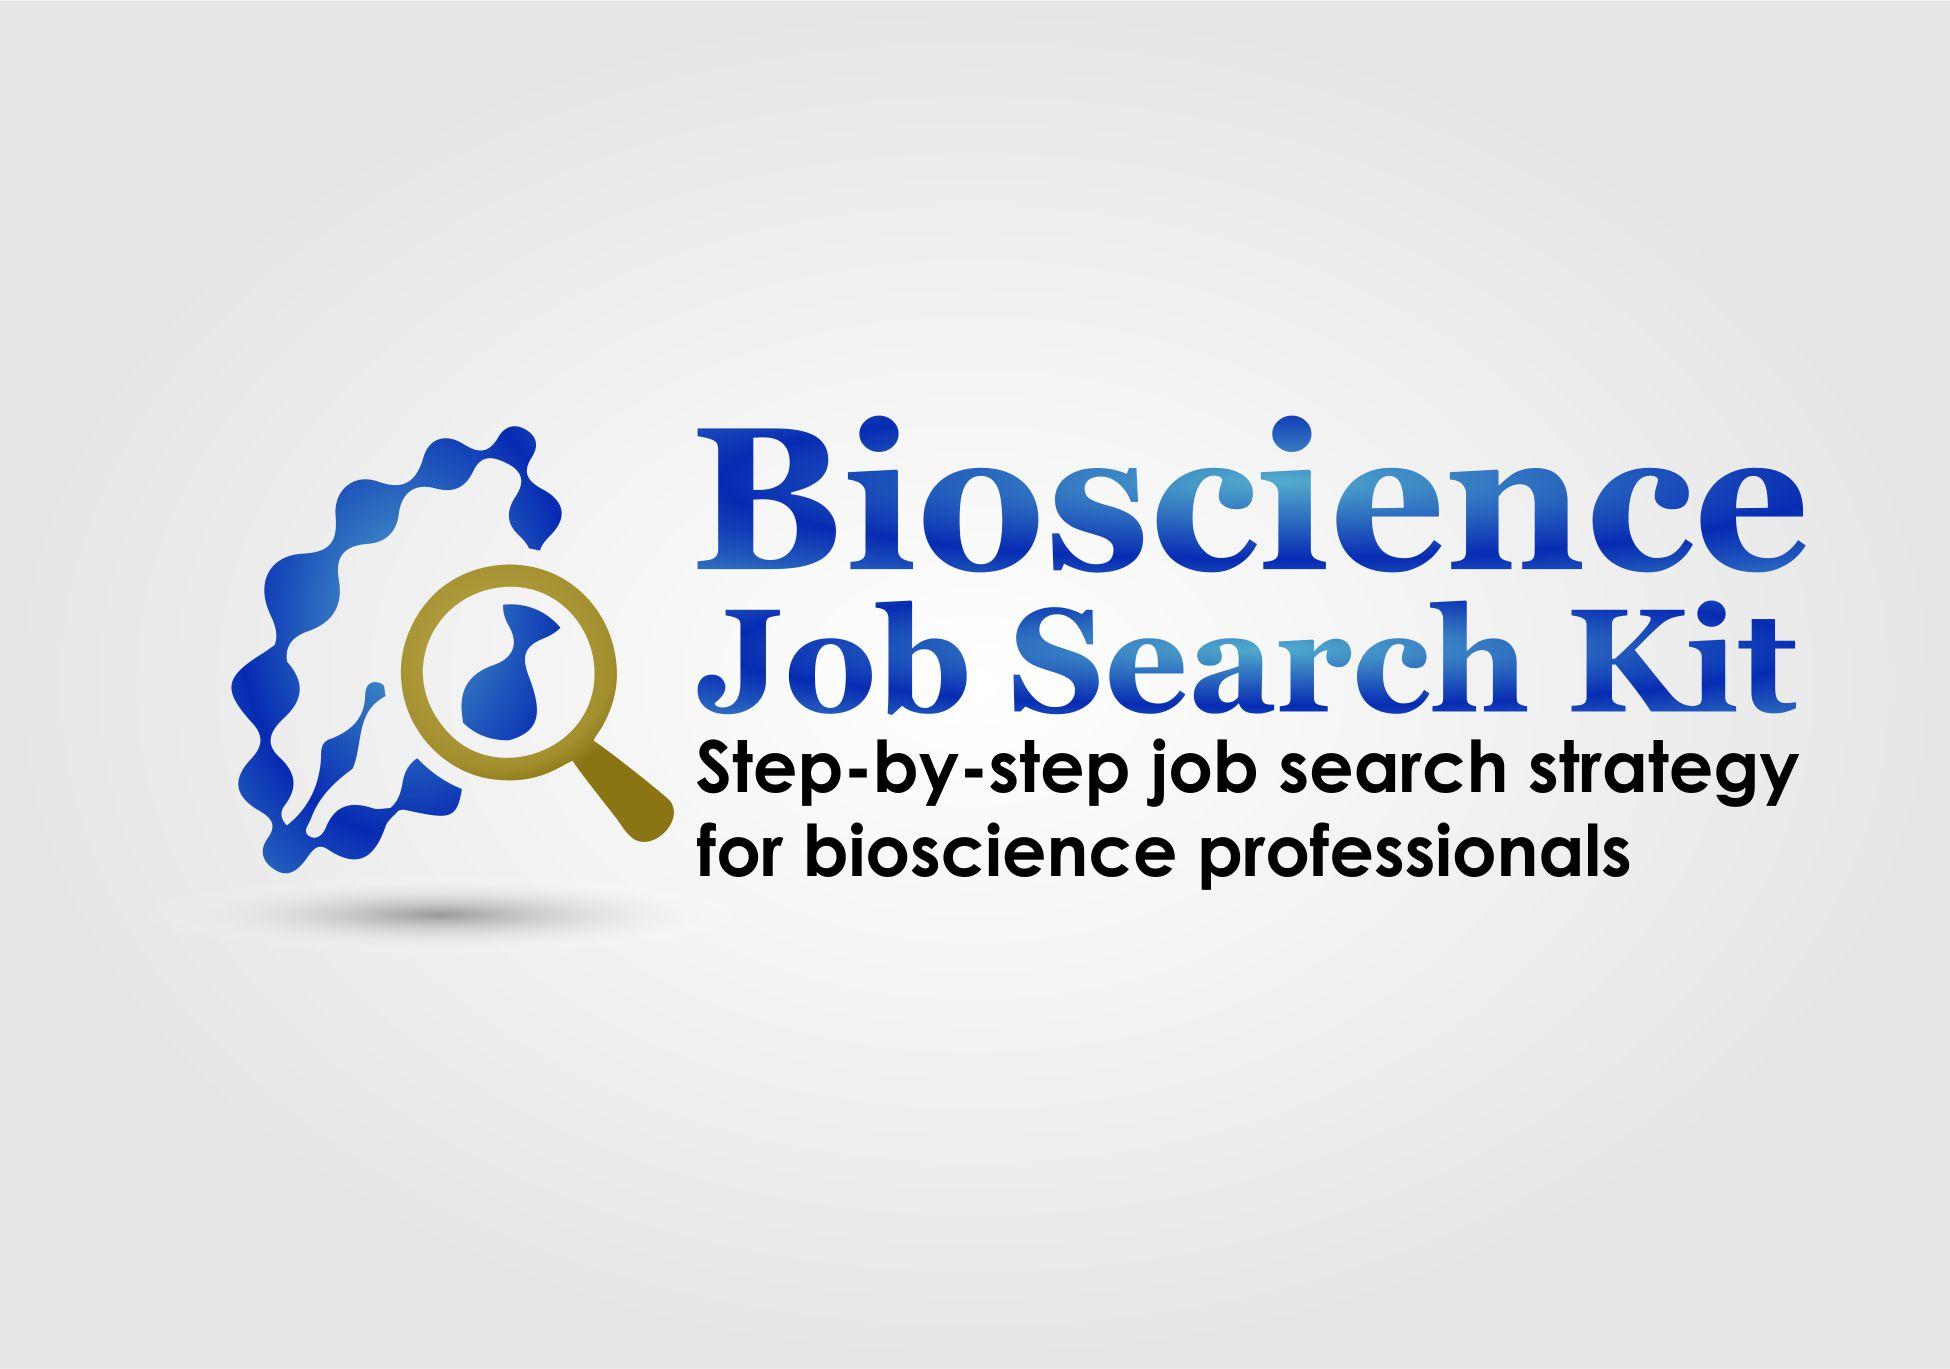 http://biosciencejobkit.com